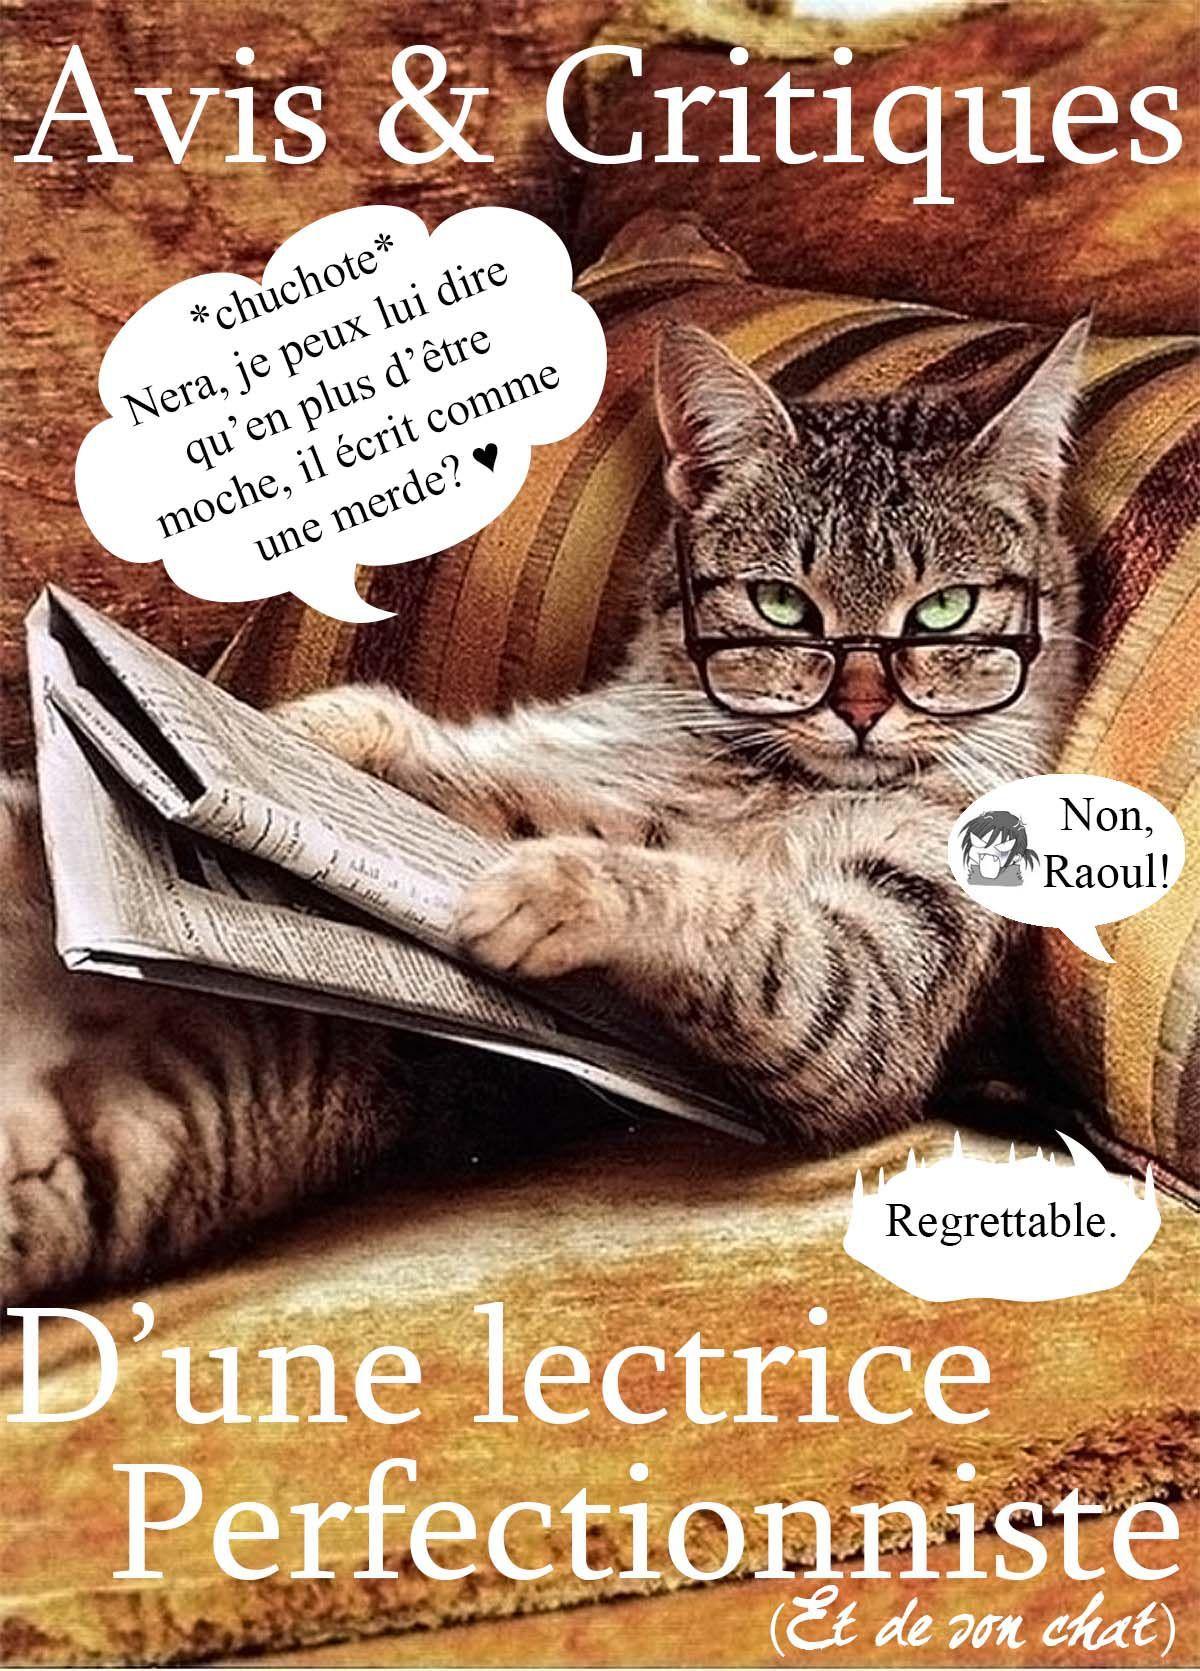 J'ai changé la couverture du livre, qu'en pensez-vous ? Des commentaires de Raoul le chat, glissés au milieu de mes propres critiques vous plairaient-ils ?